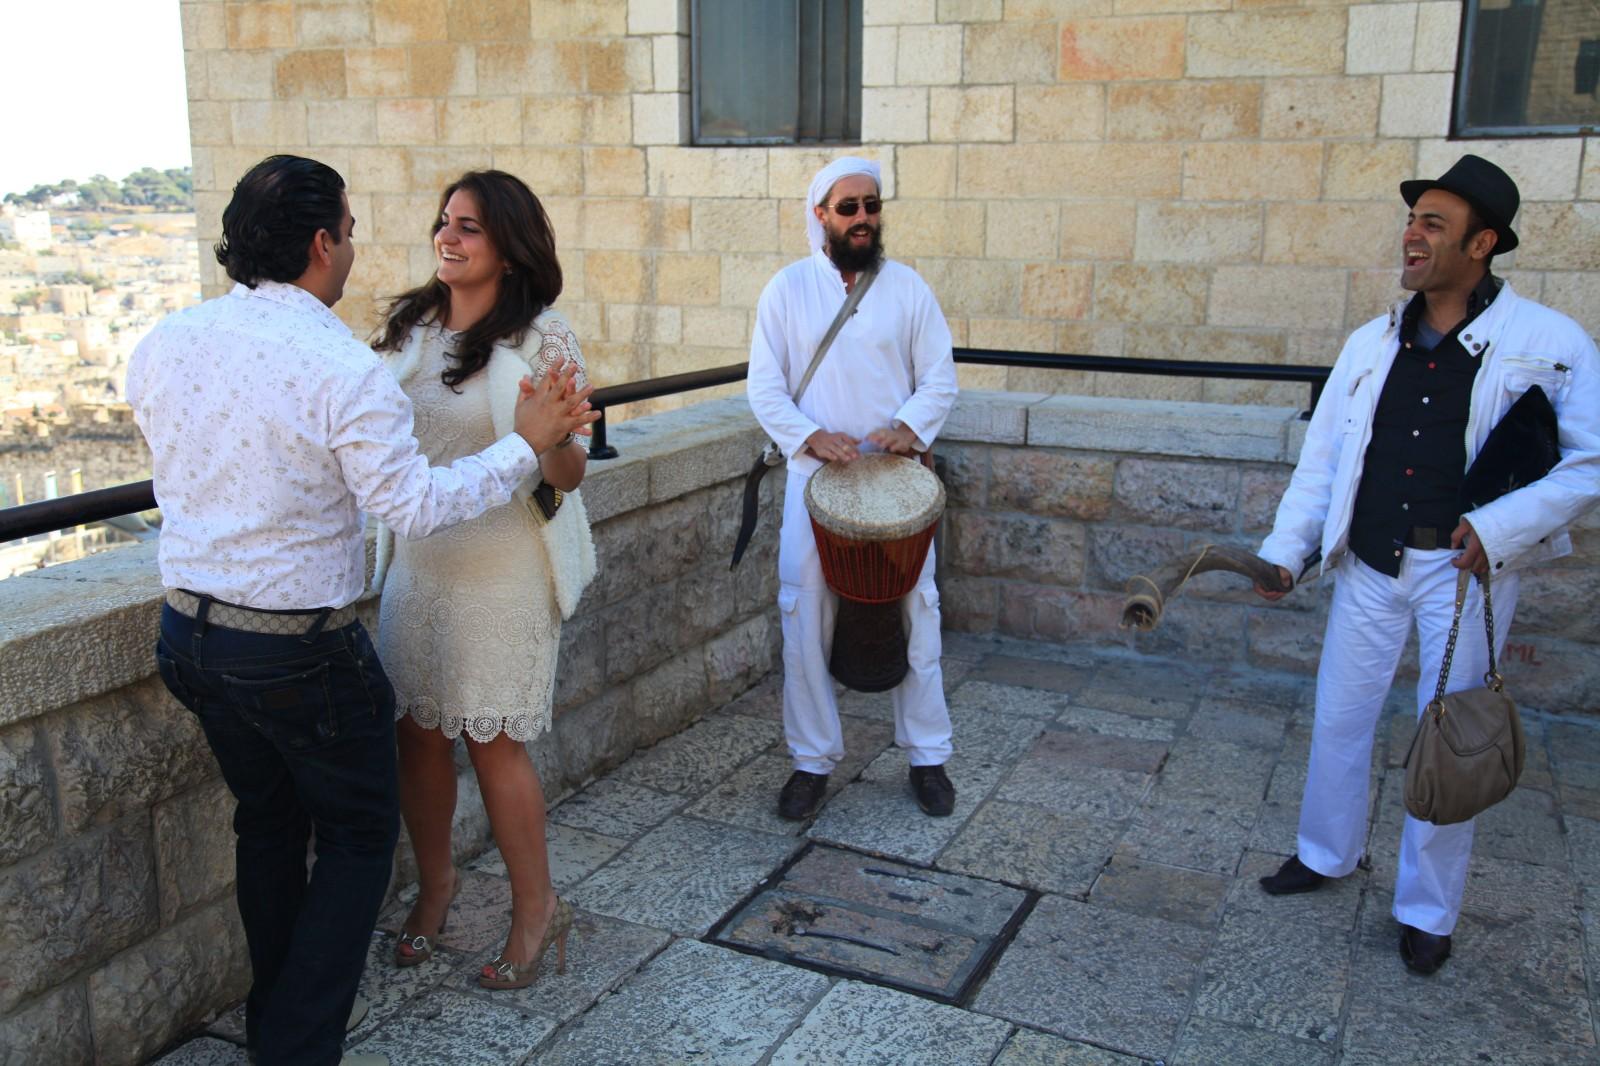 Arabic wedding?